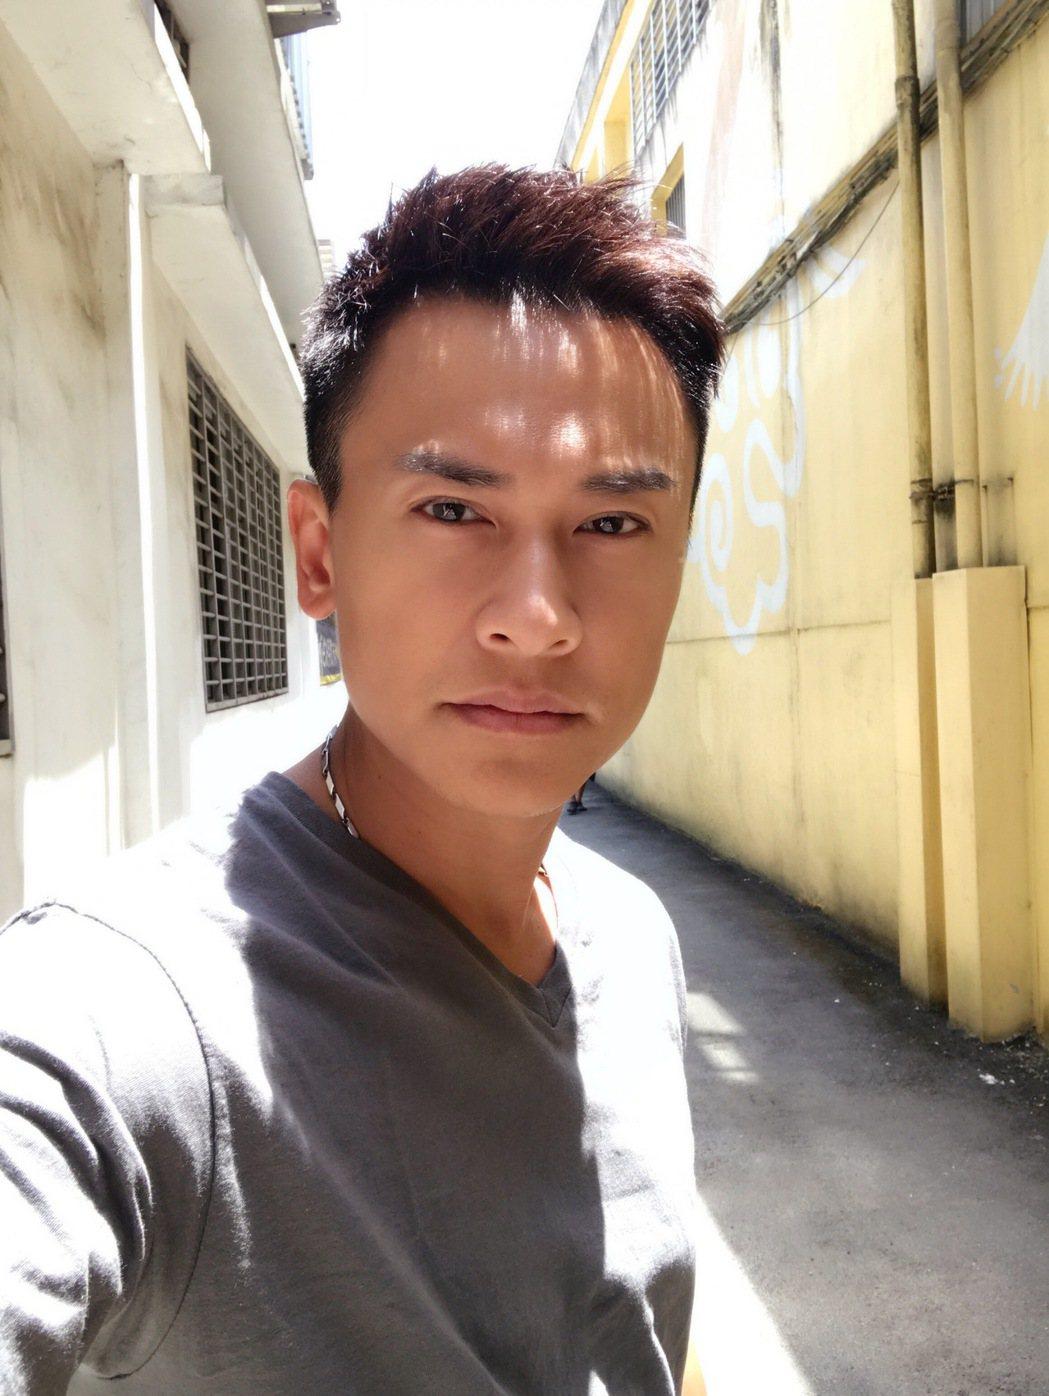 王建復演出「幸福來了」換髮型,粉絲讚「台版古天樂」。圖/民視提供